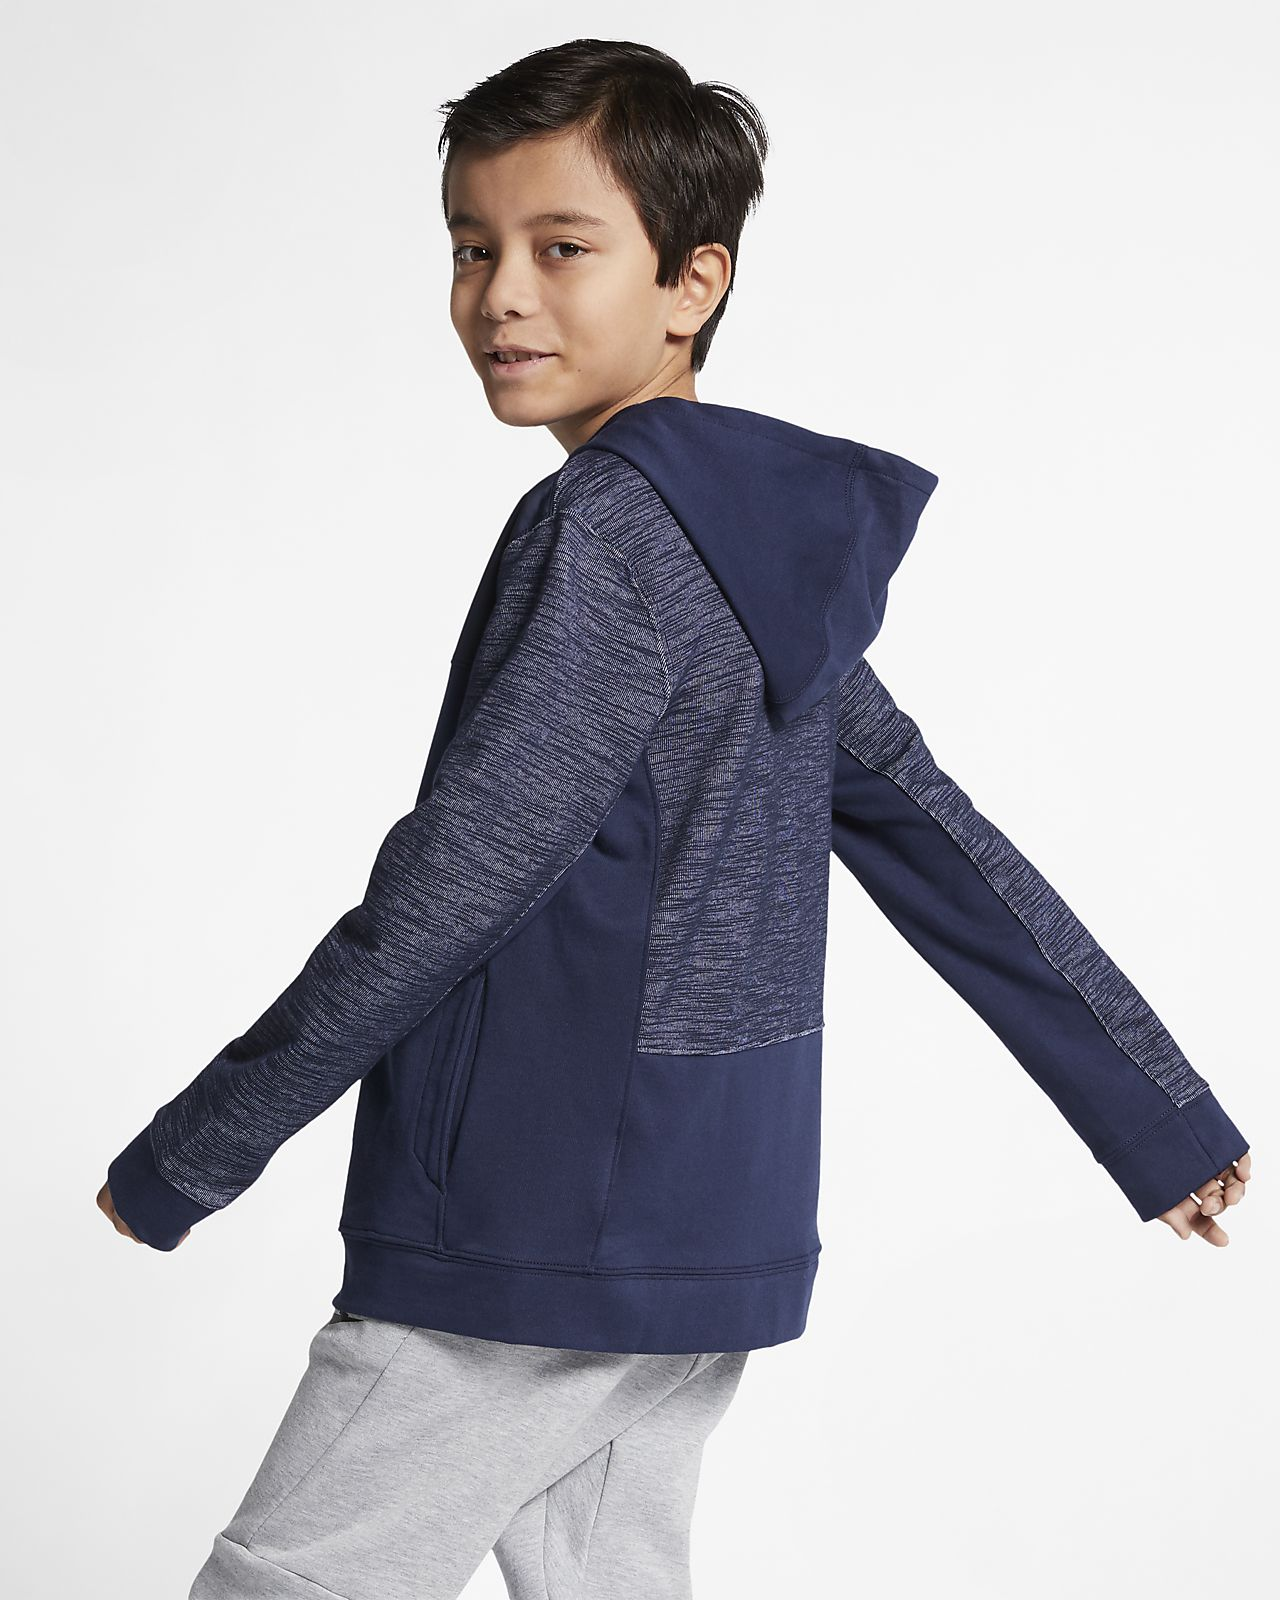 15 Capucha Cremallera Sportswear Con Nike Sudadera Completa Niño Advance 1KlcFJ